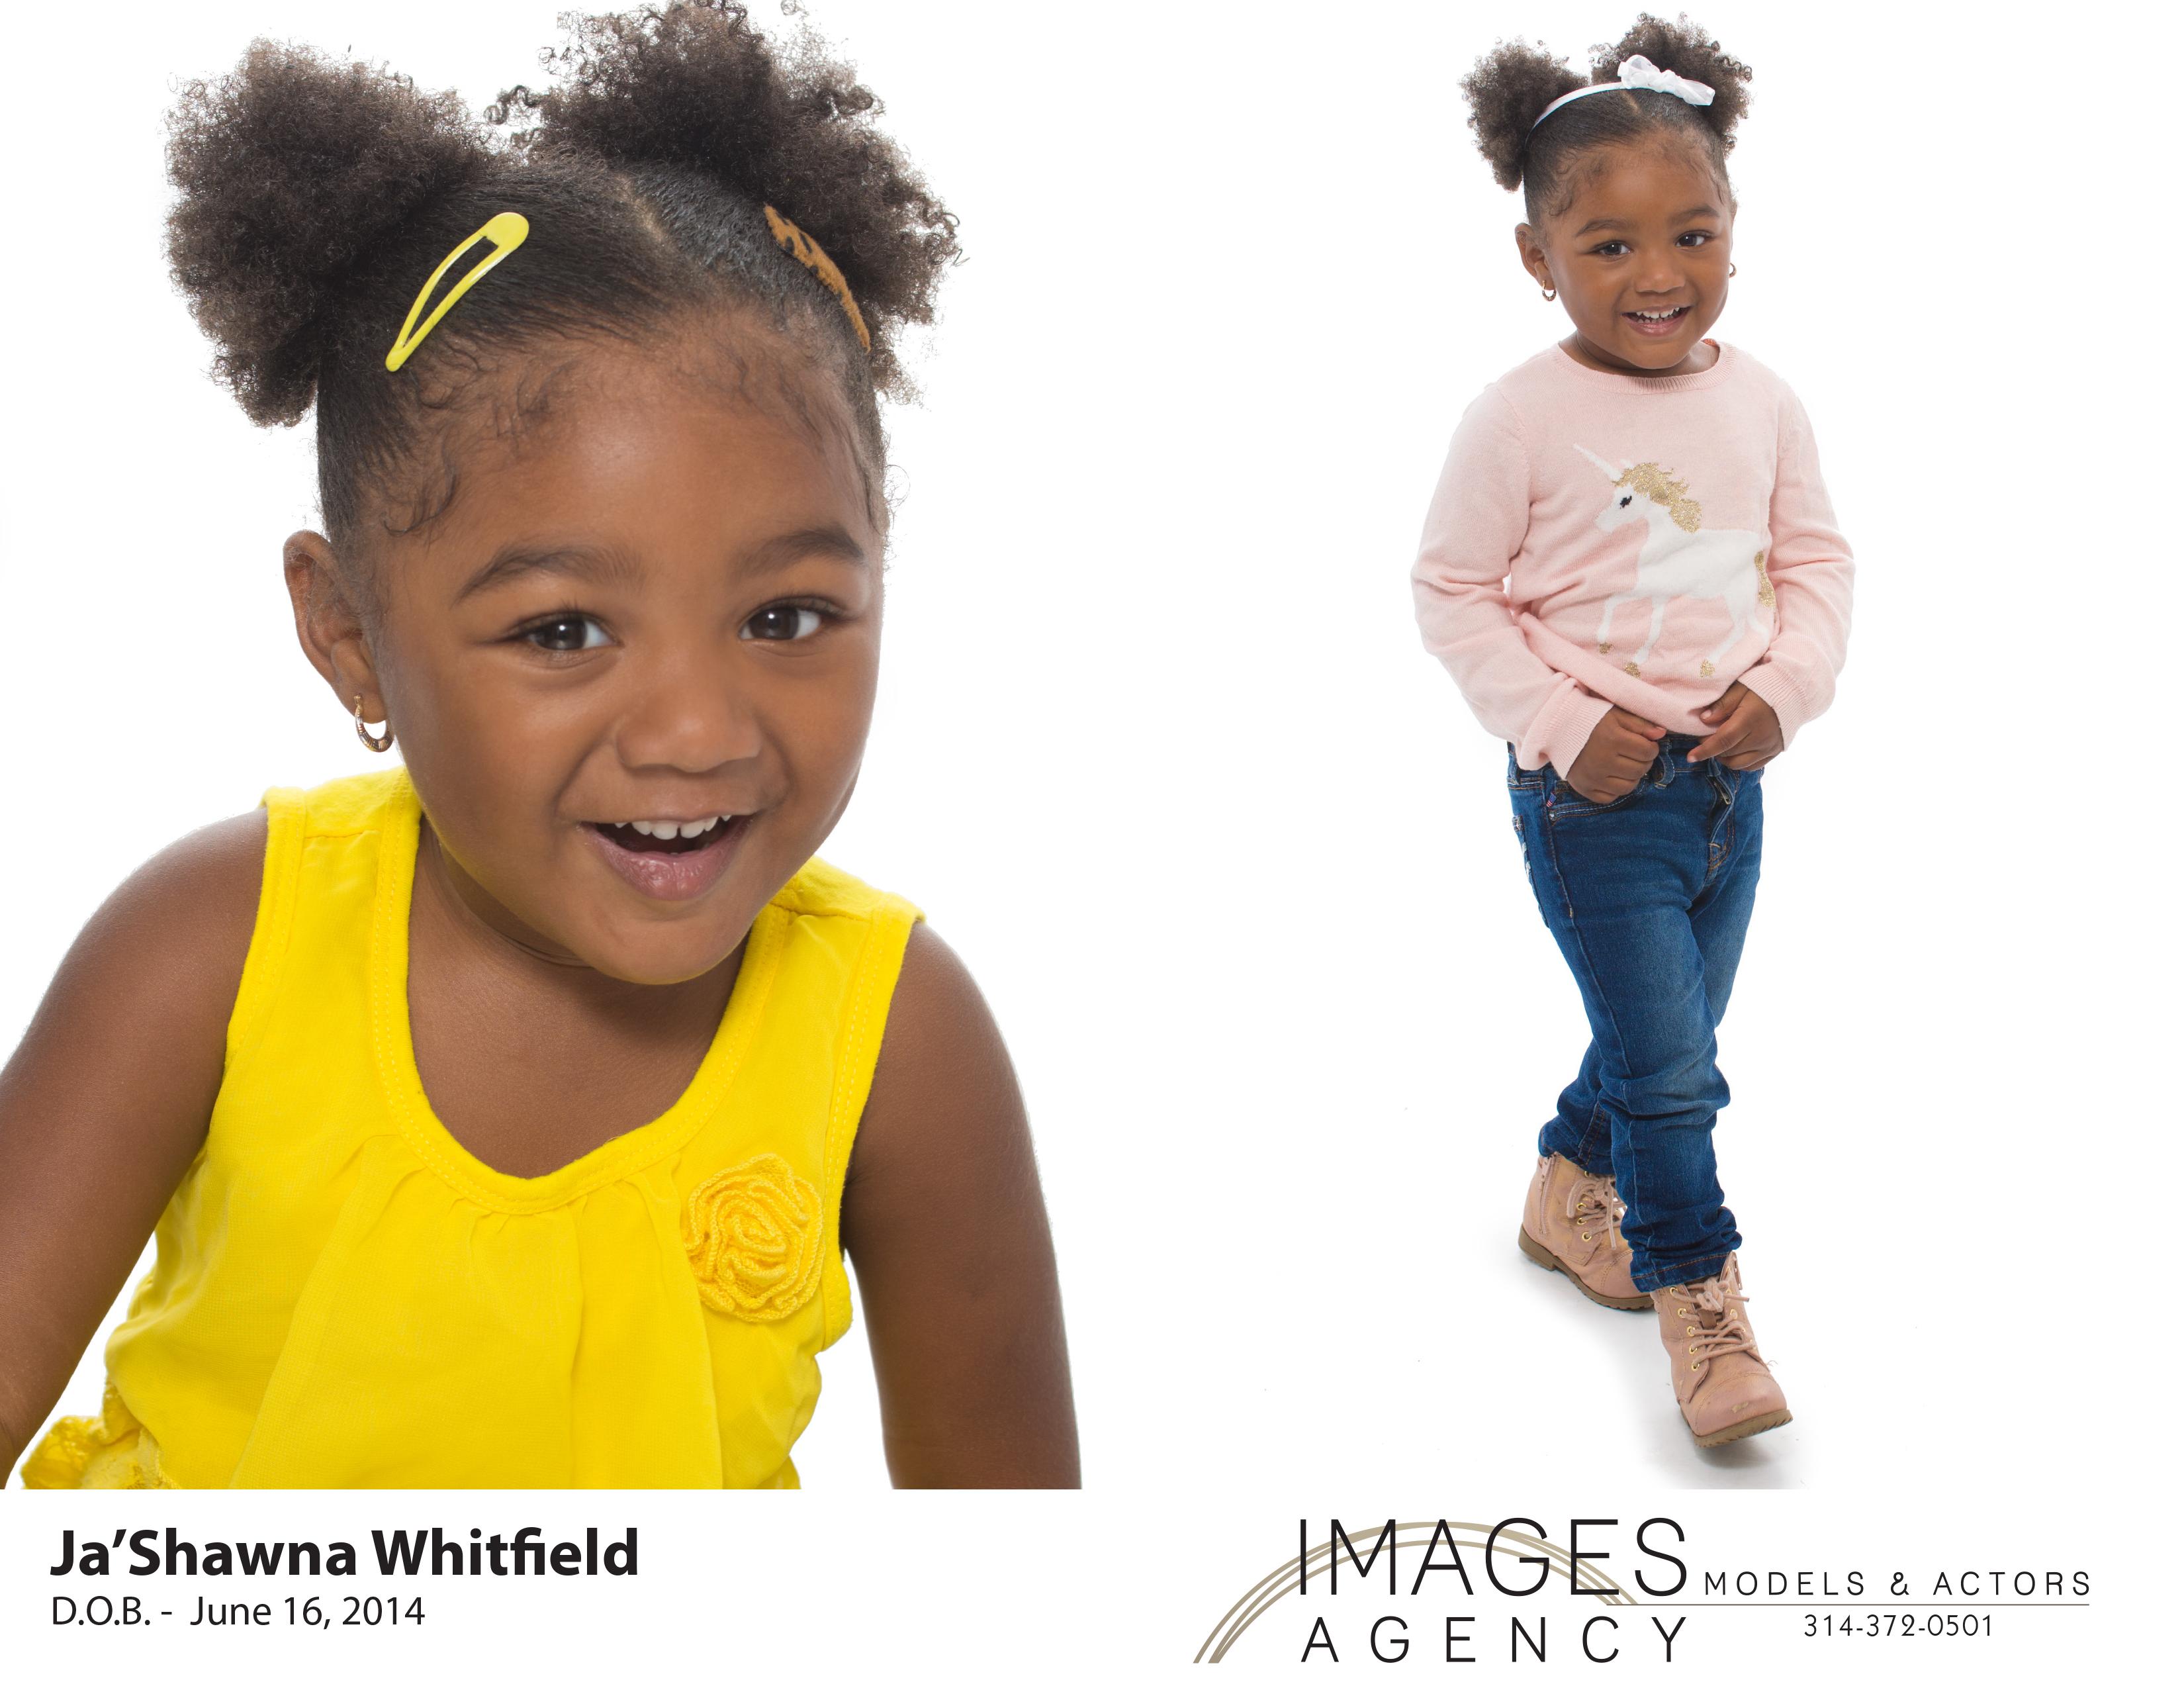 JaShawna Whitfield